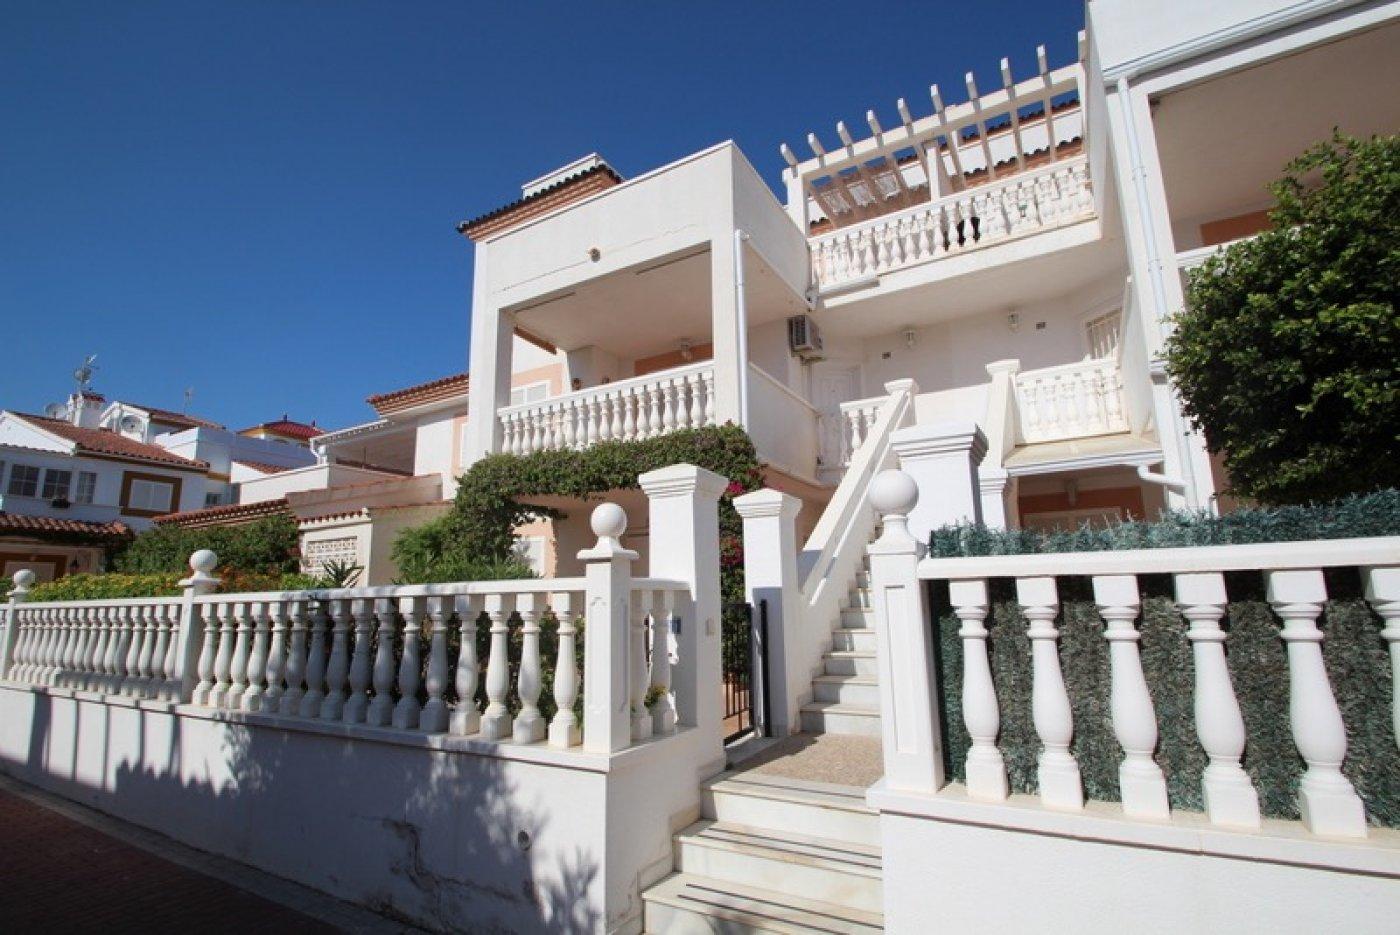 Townhouse - Bestaande bouw - Orihuela Costa - Playa Flamenca